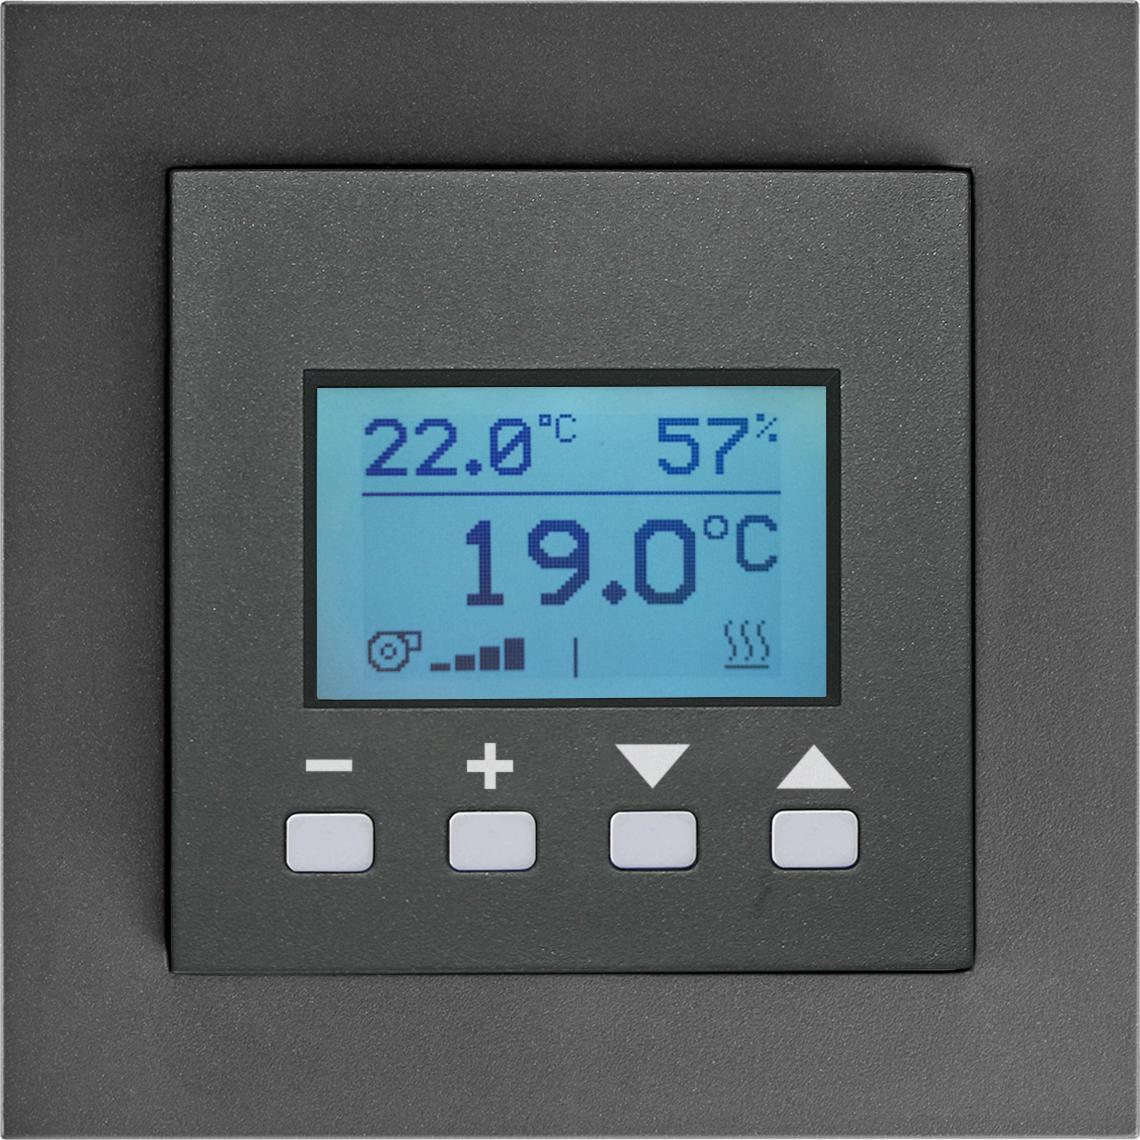 FTW06 LCD dS Gira E2 anthrazit Produktbild